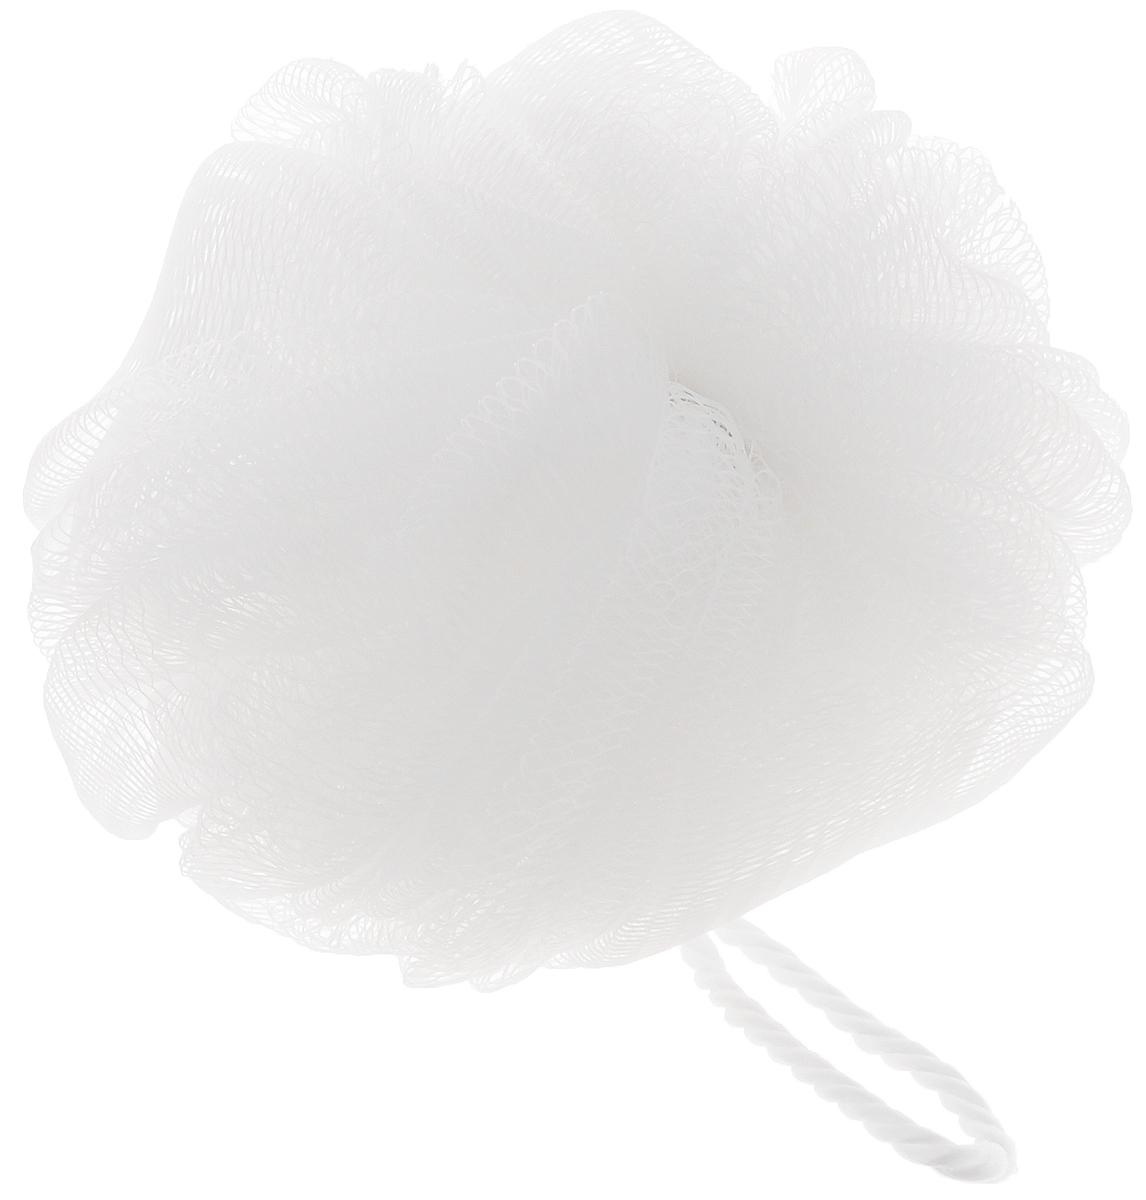 Мочалка Ikeep Сфера, цвет: белый, диаметр 13 смТП102_белыйМочалка Ikeep Сфера, выполненная из полиэстера, предназначена для мягкого очищения кожи. Она станет незаменимым аксессуаром ванной комнаты. Мочалка отлично пенится, обладает легким пилинговым и массажным эффектом, идеально подходит для нежной и чувствительной кожи. На мочалке имеется удобная петля для подвешивания. Диаметр: 13 см.